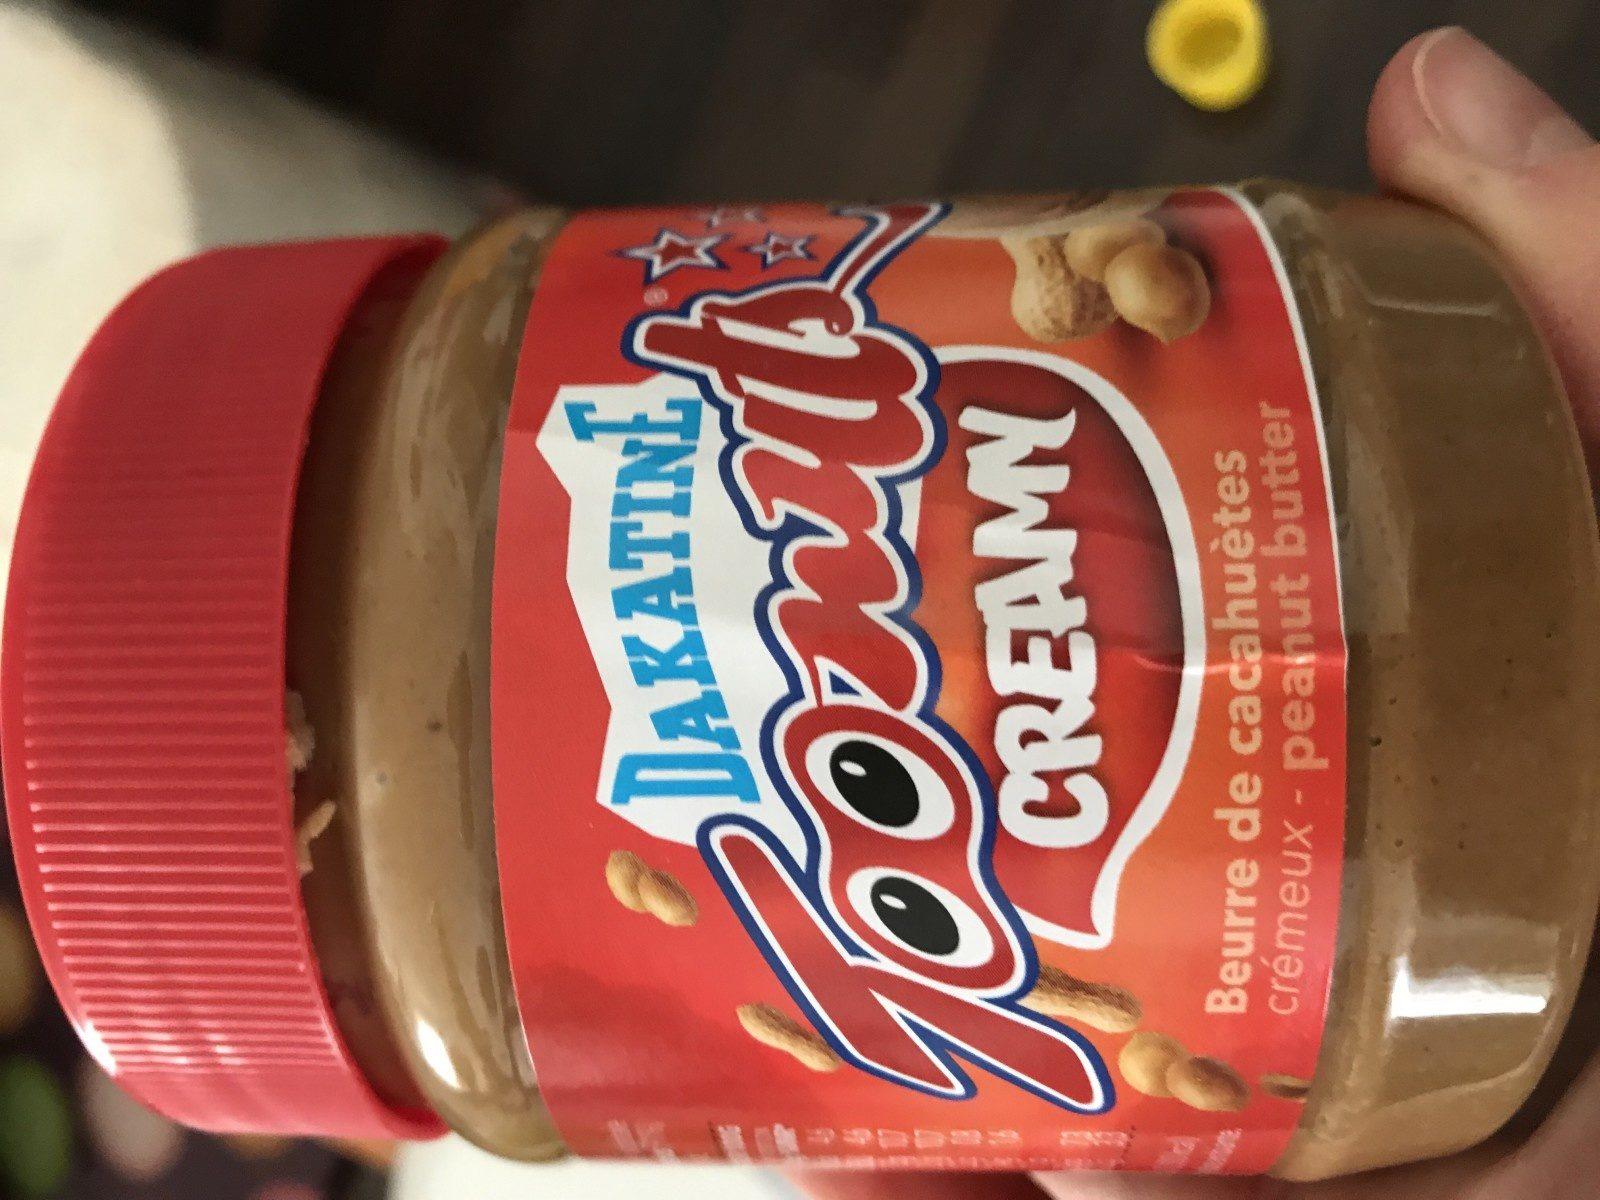 Beurre de cacahuètes cremeux - Ingredienti - fr